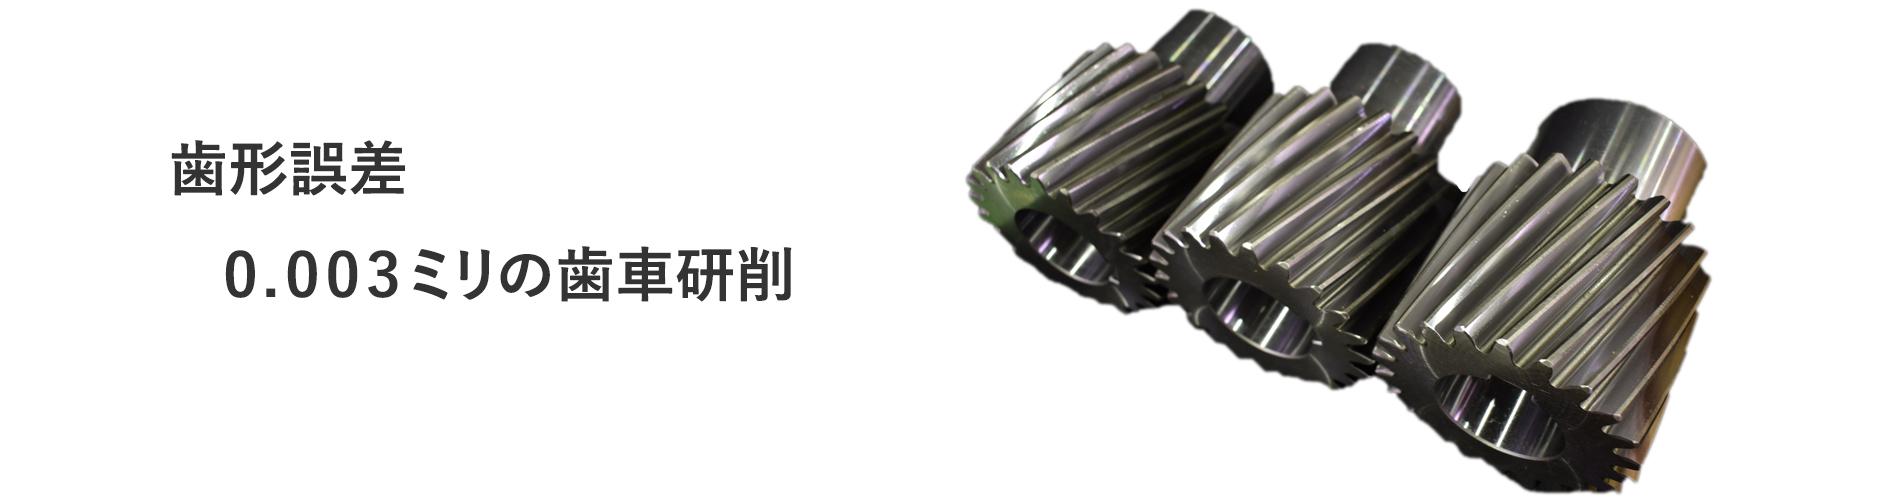 歯形誤差、0.003ミリの歯車研削